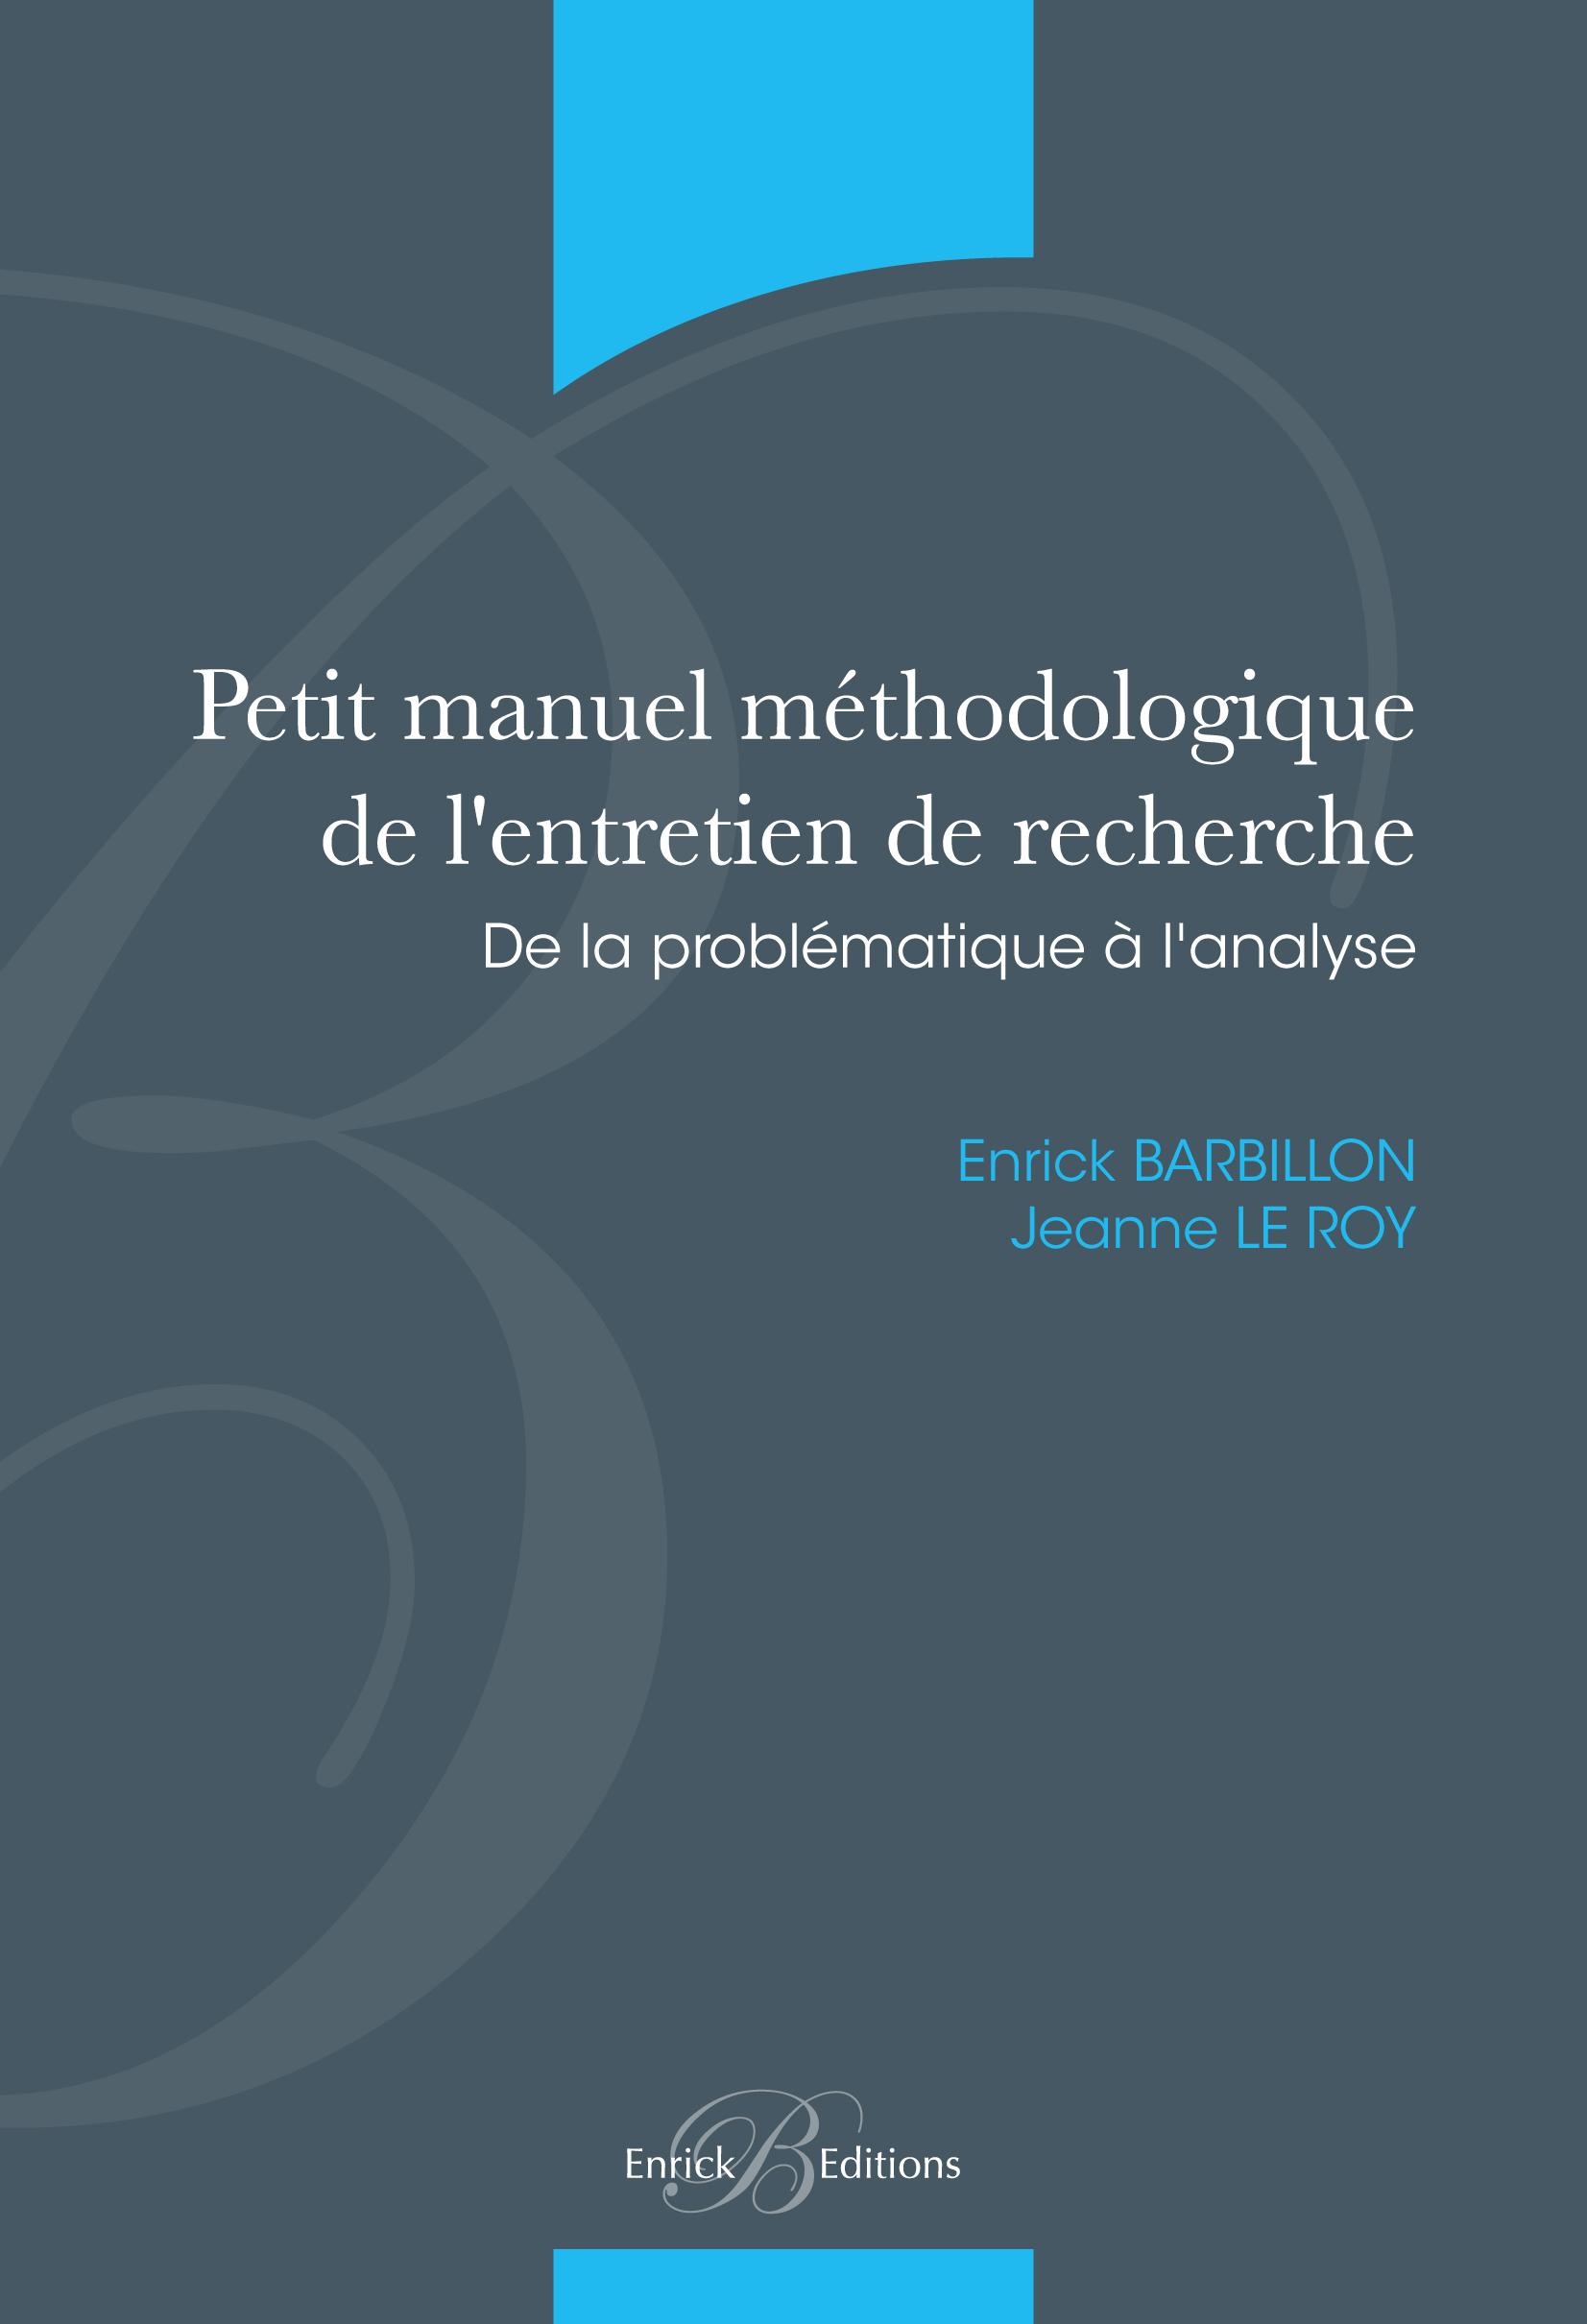 PETIT MANUEL METHODOLOGIQUE DE L'ENTRETIEN DE RECHERCHE